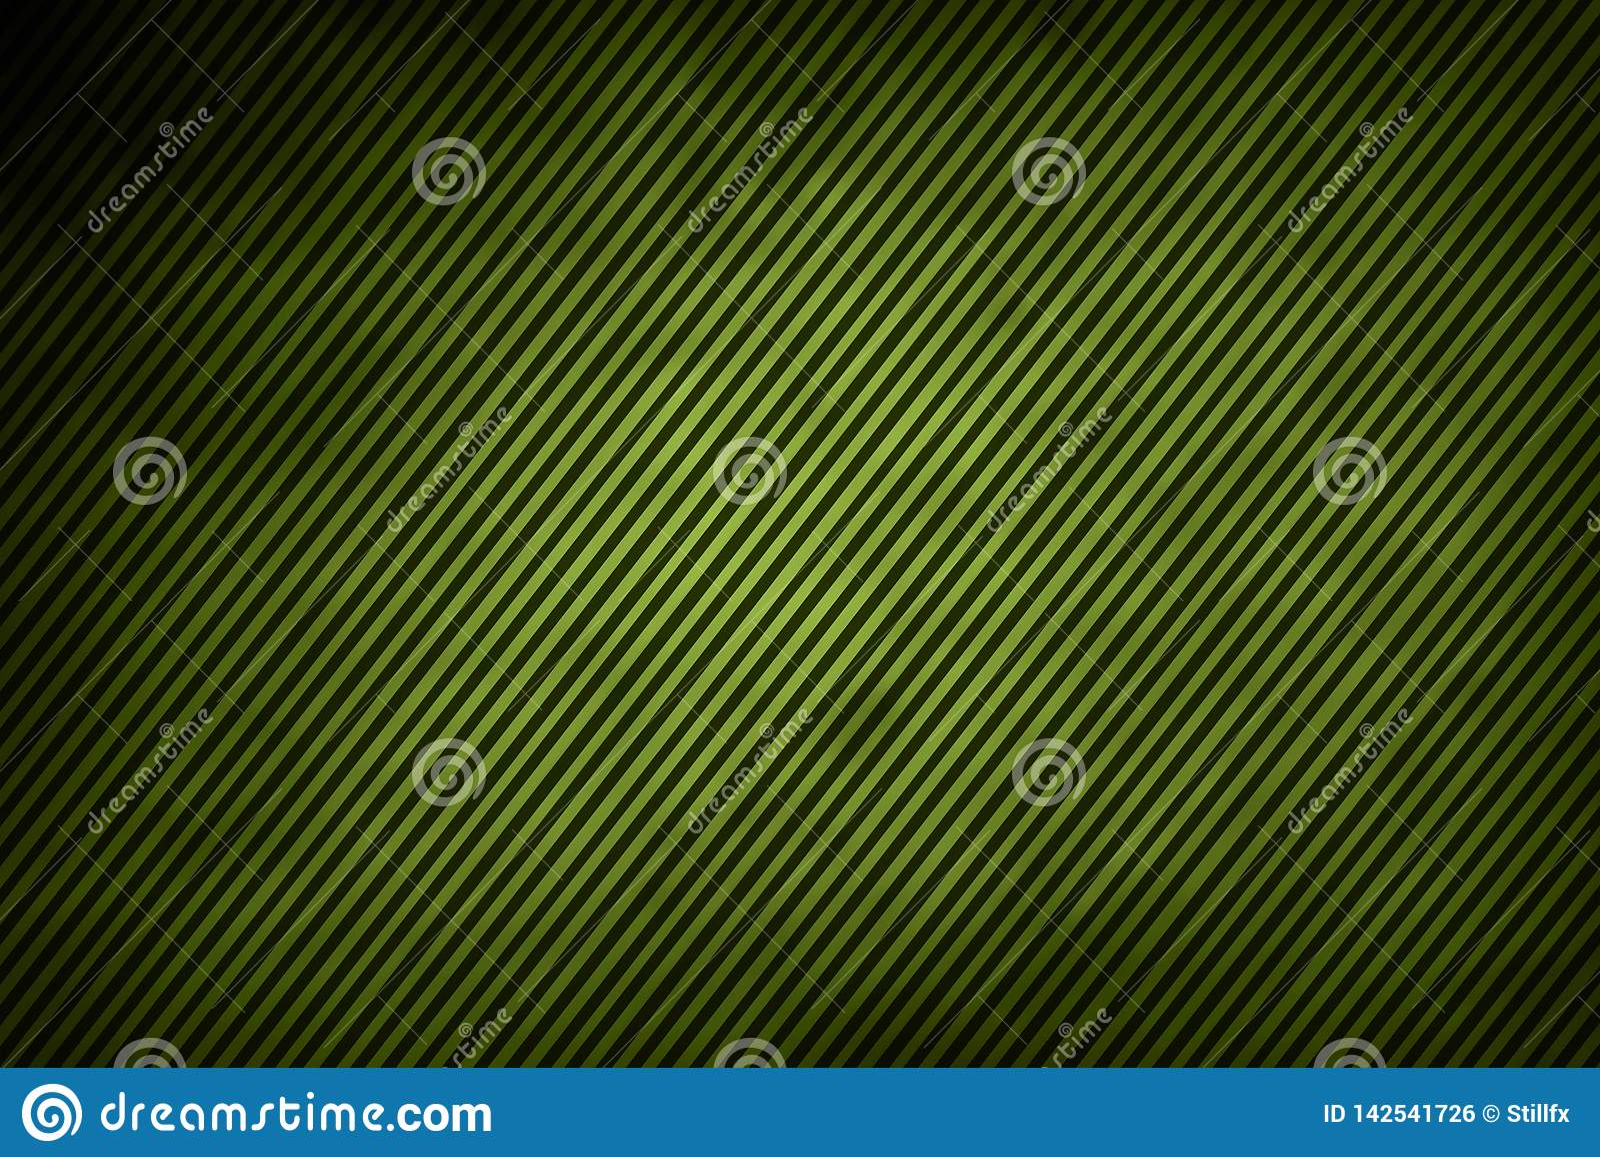 Líneas en verde